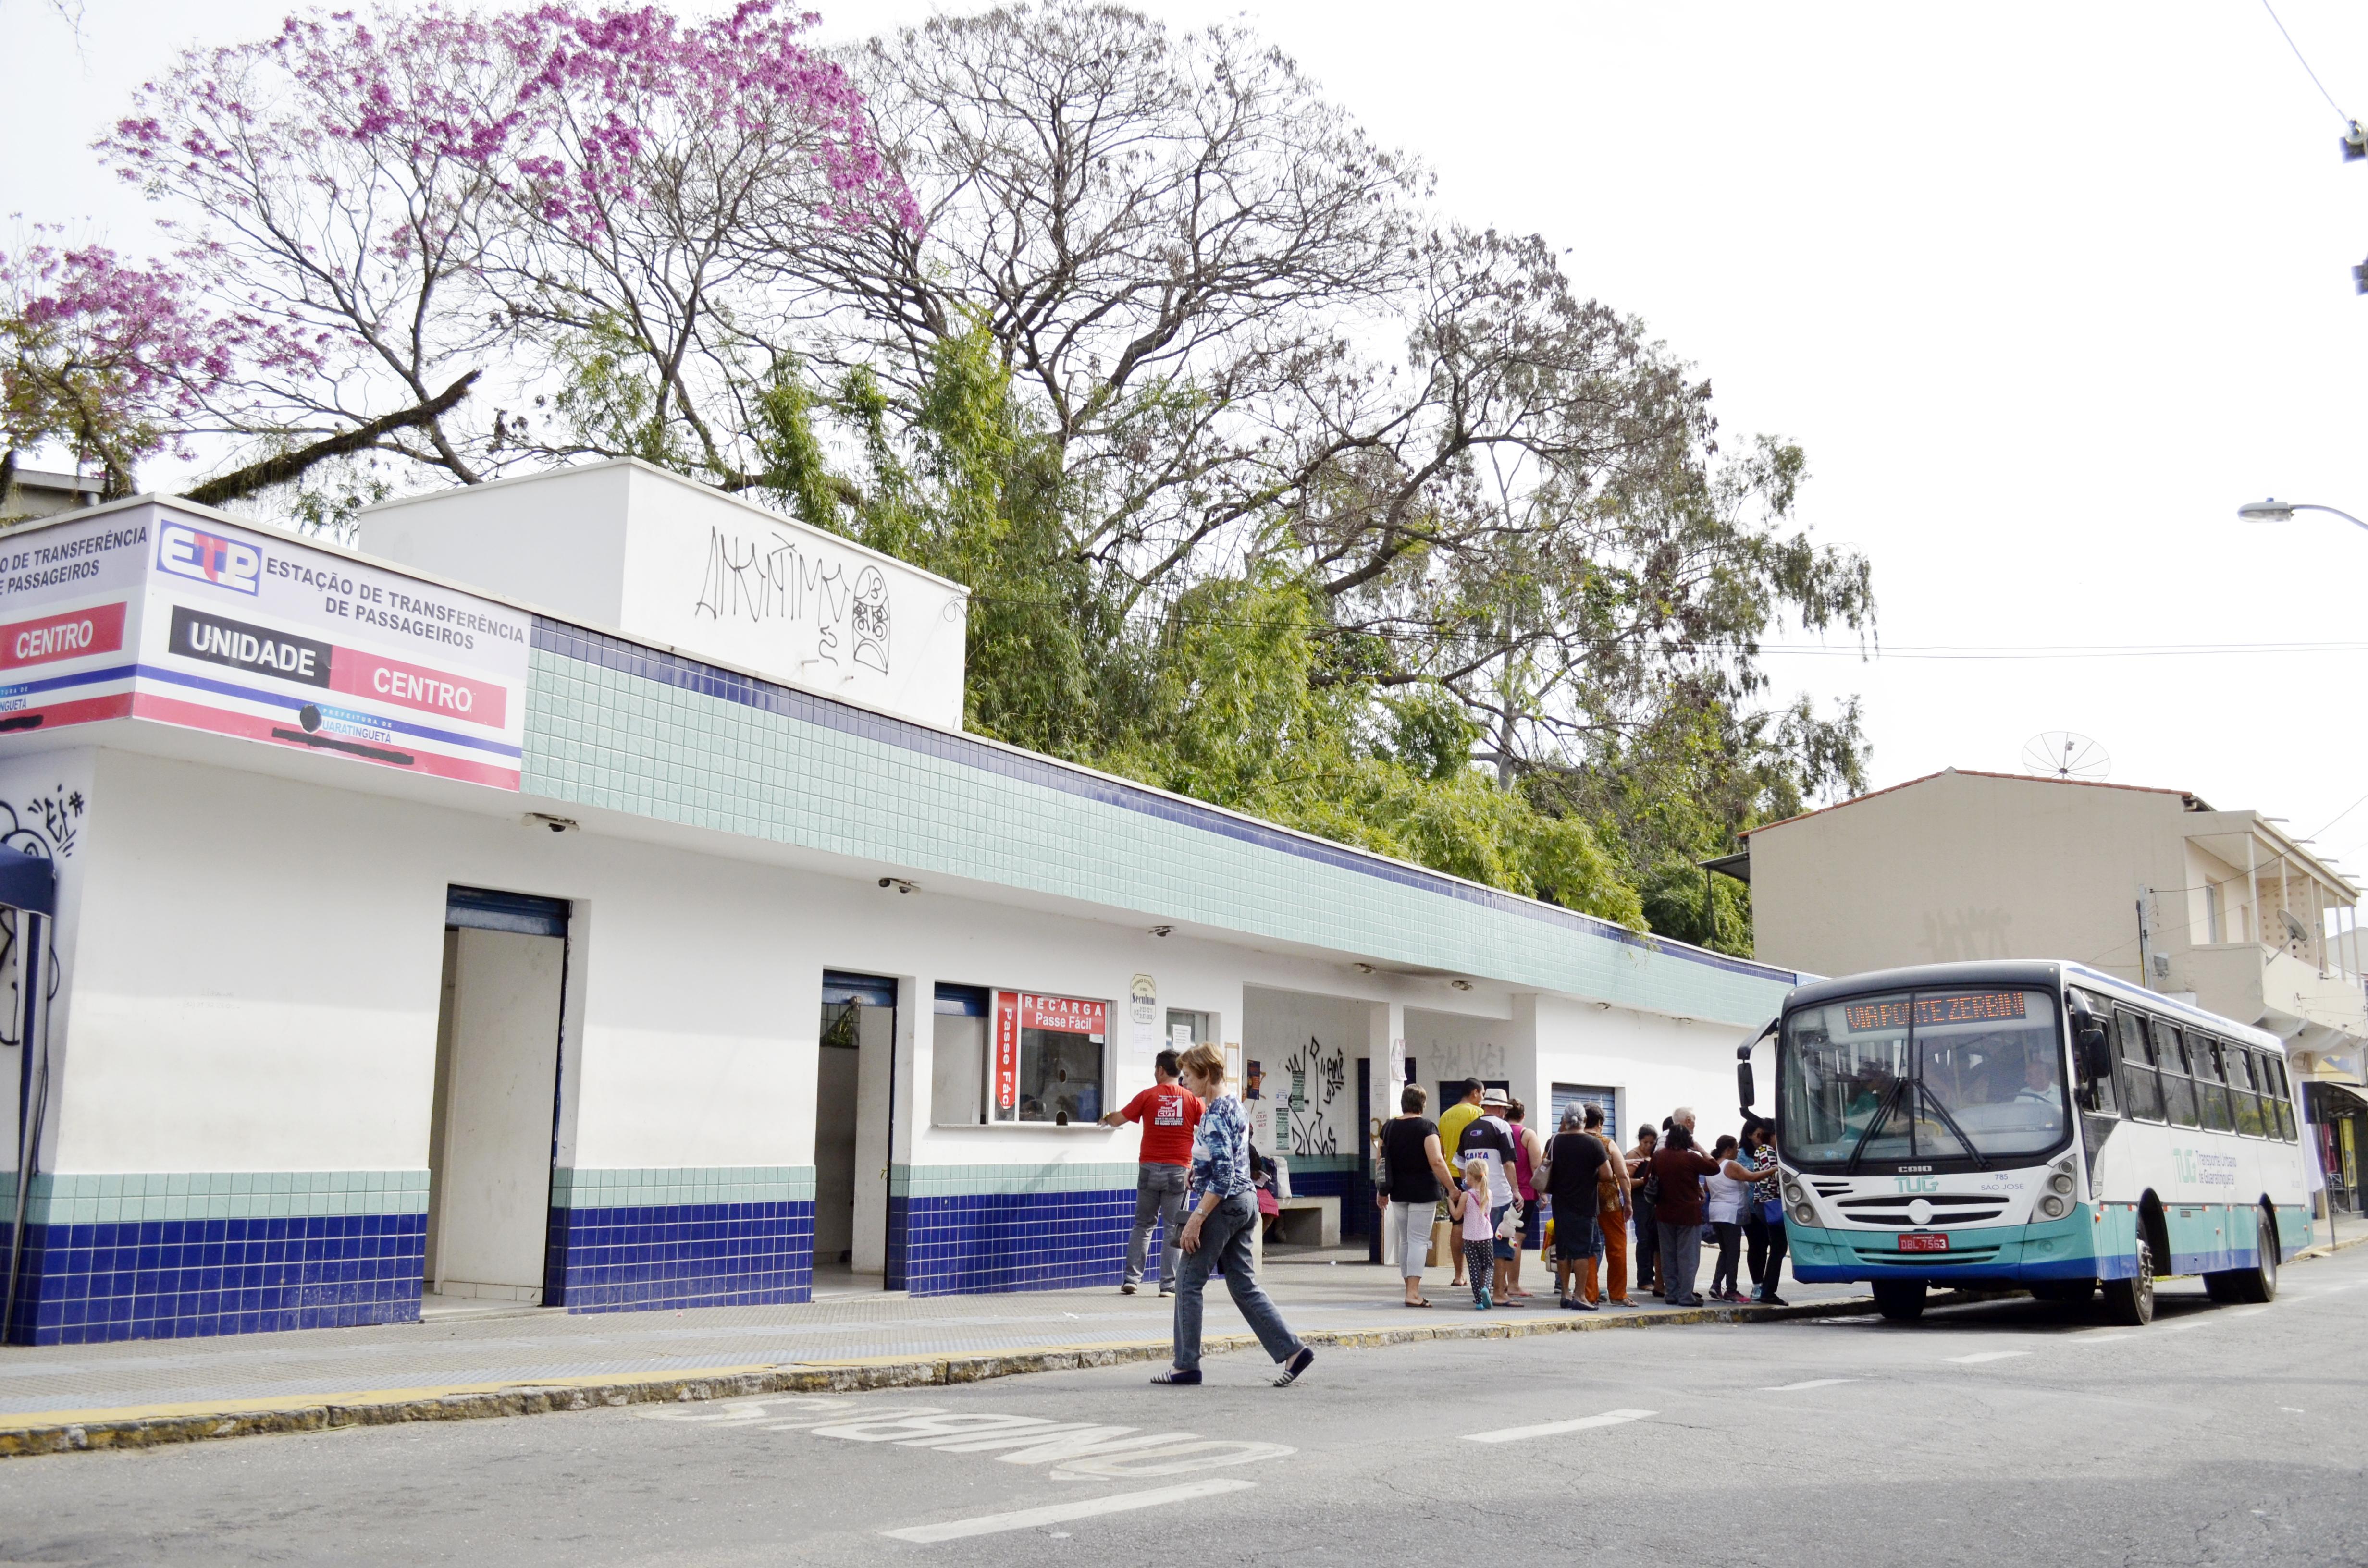 Passageiros embarcam em ônibus do TUG, na Estação de Transferência em Guaratinguetá; edital foi questionado por comissão da Câmara (Fotos: Leandro Oliveira)